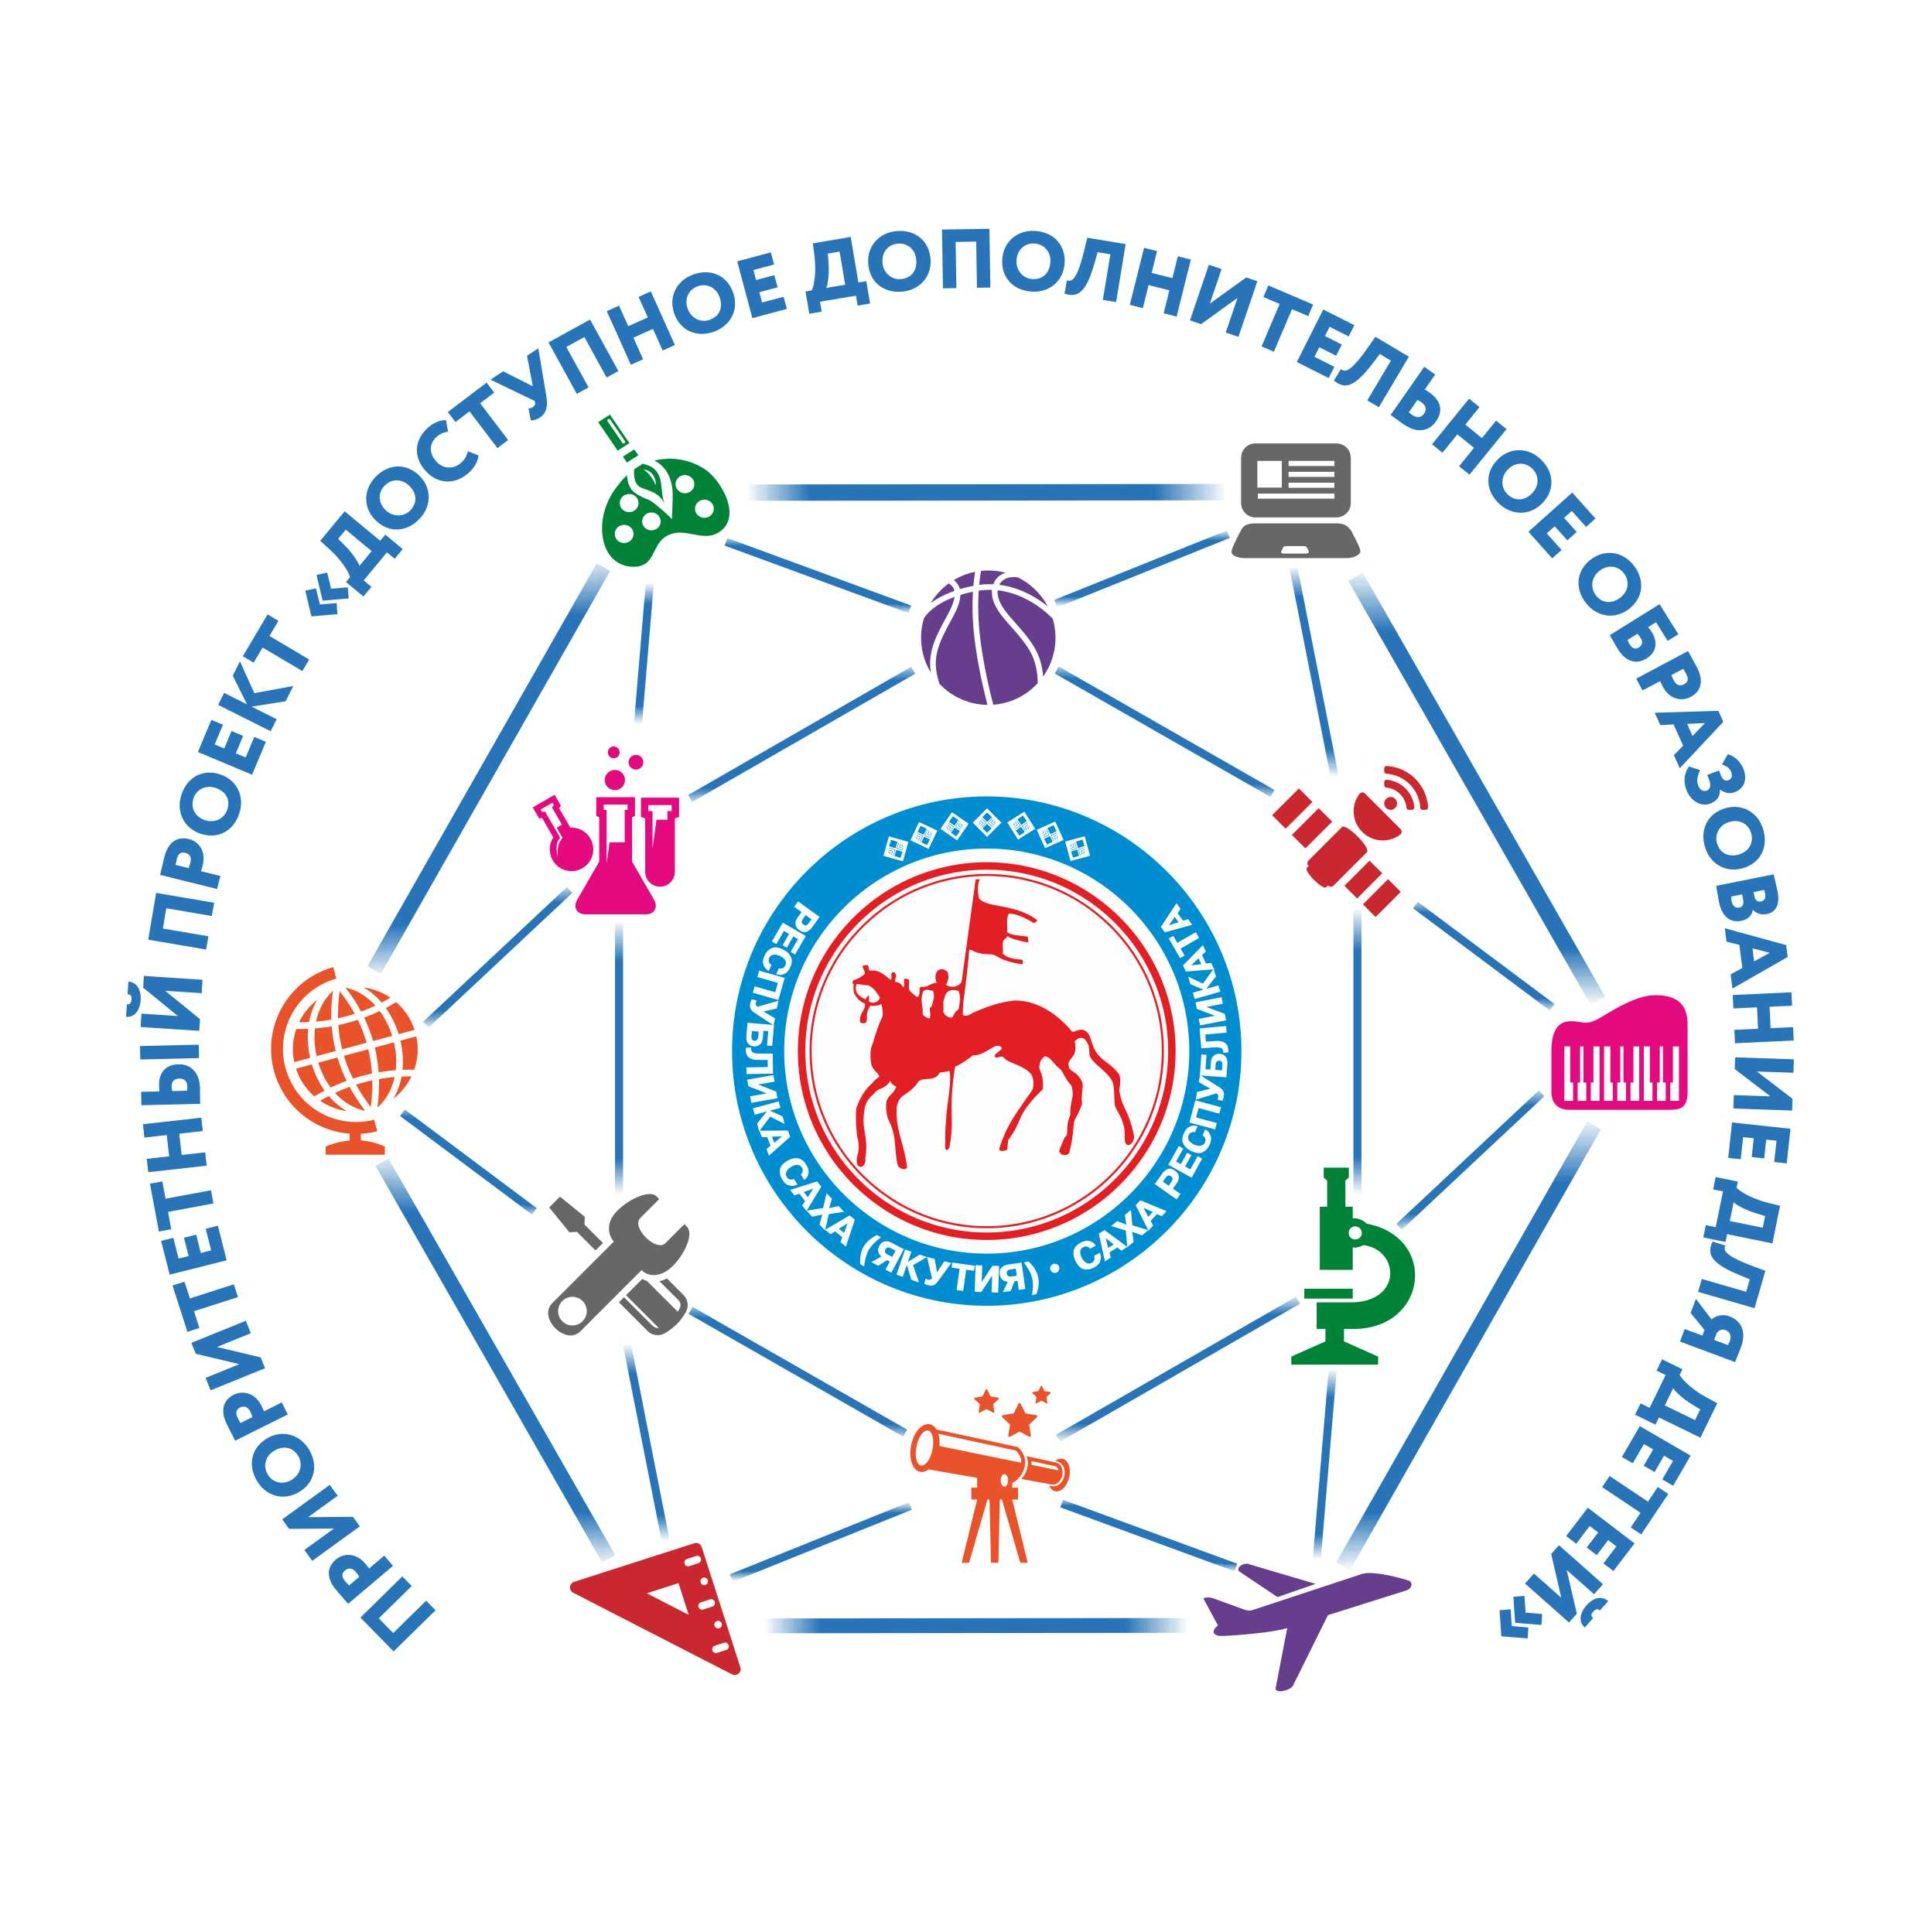 В Якутске состоится II межрегиональная научно-практическая конференция «Инновации в дополнительном образовании: опыт и перспективы»